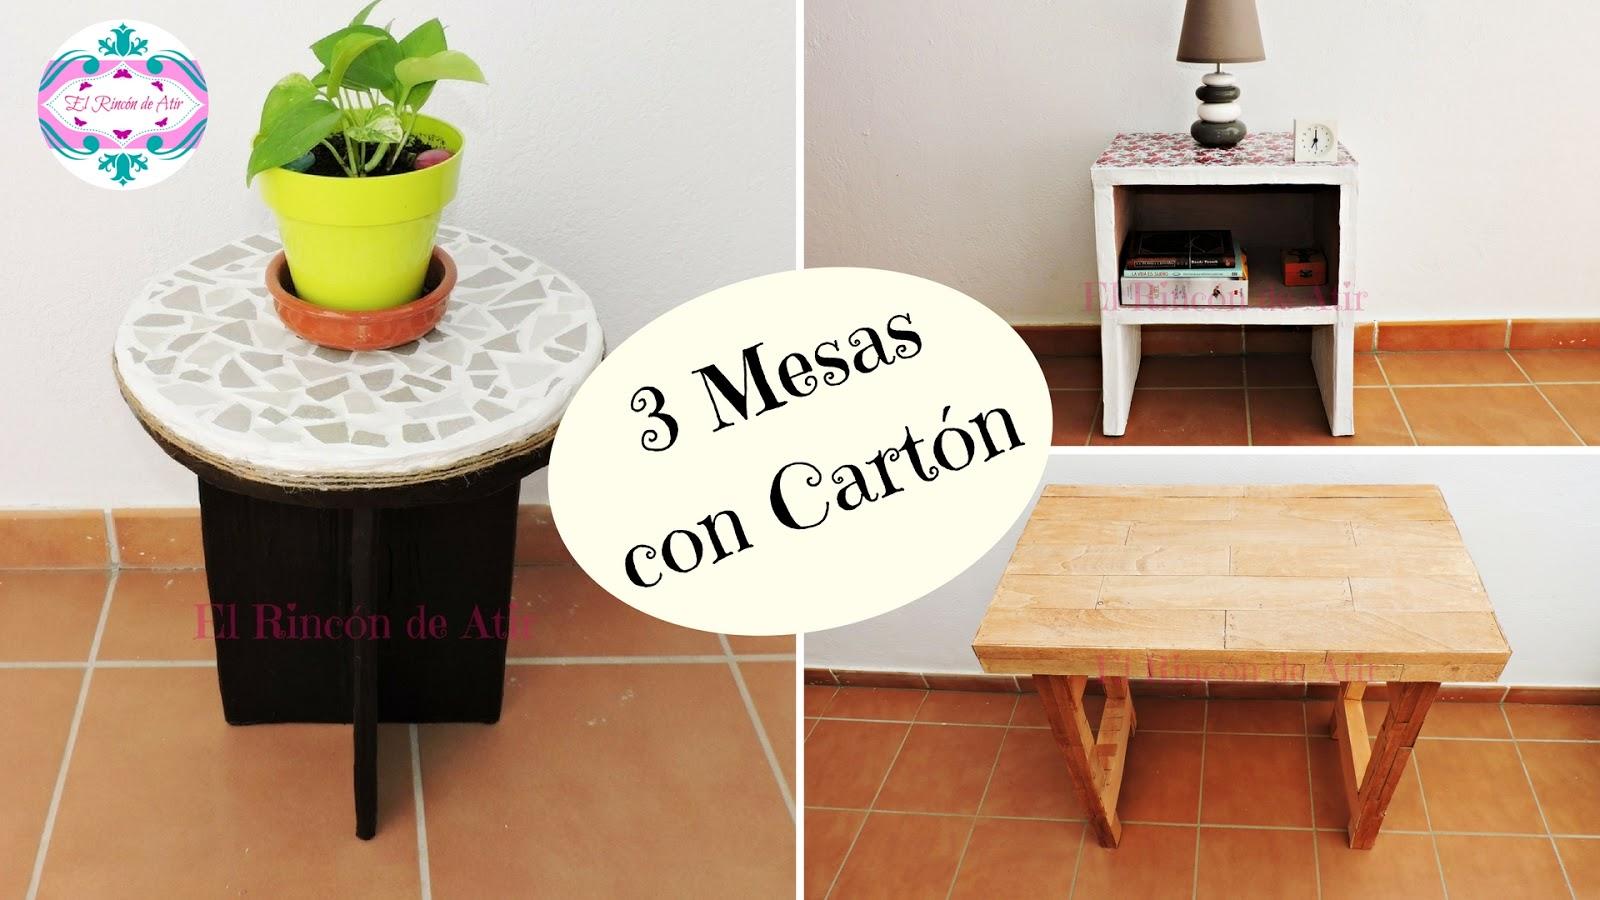 El rinc n de atir 3 formas de hacer mesas con cart n - Mesas de carton ...